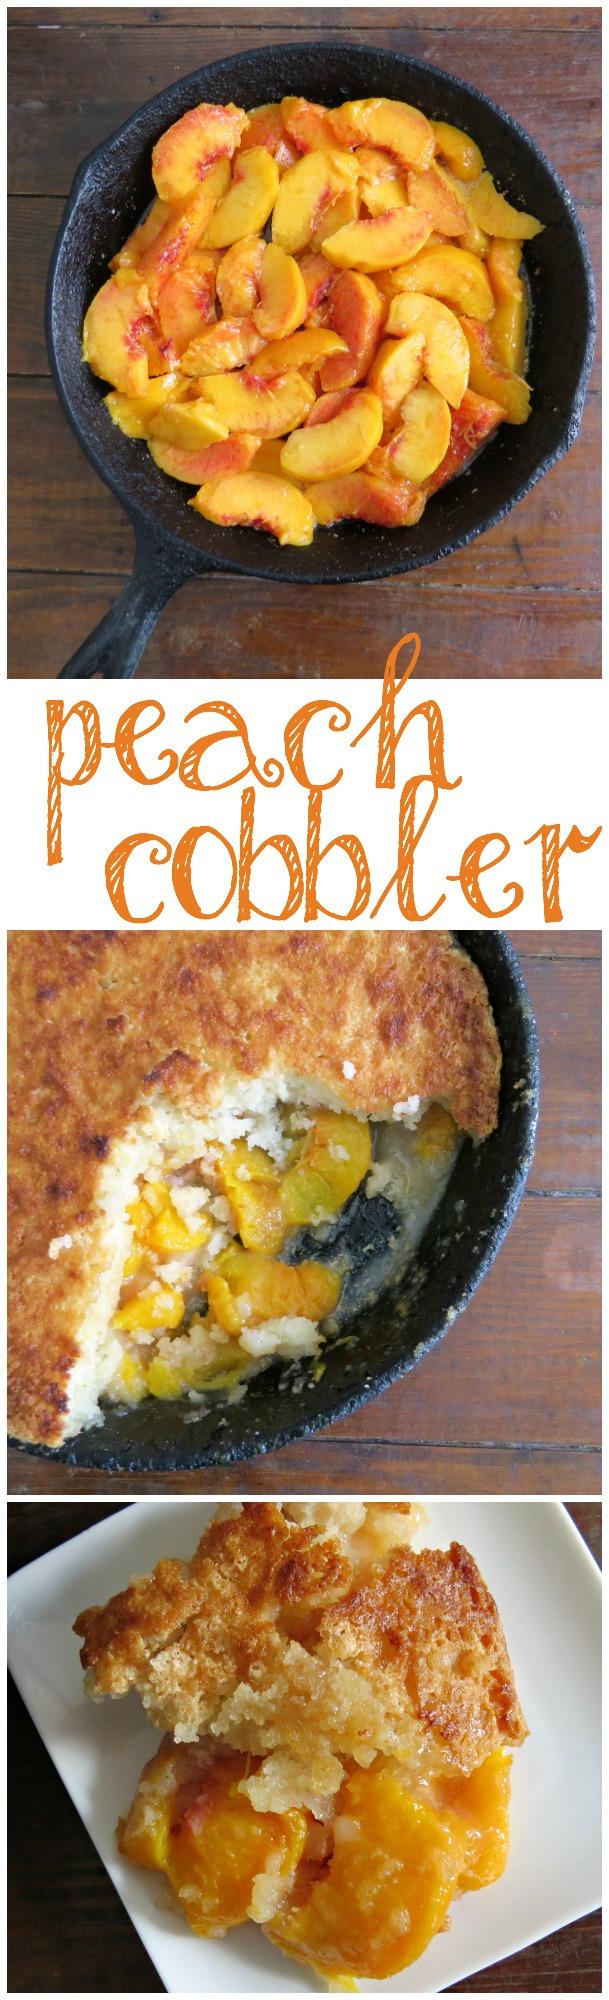 Easy Skillet Peach Cobbler